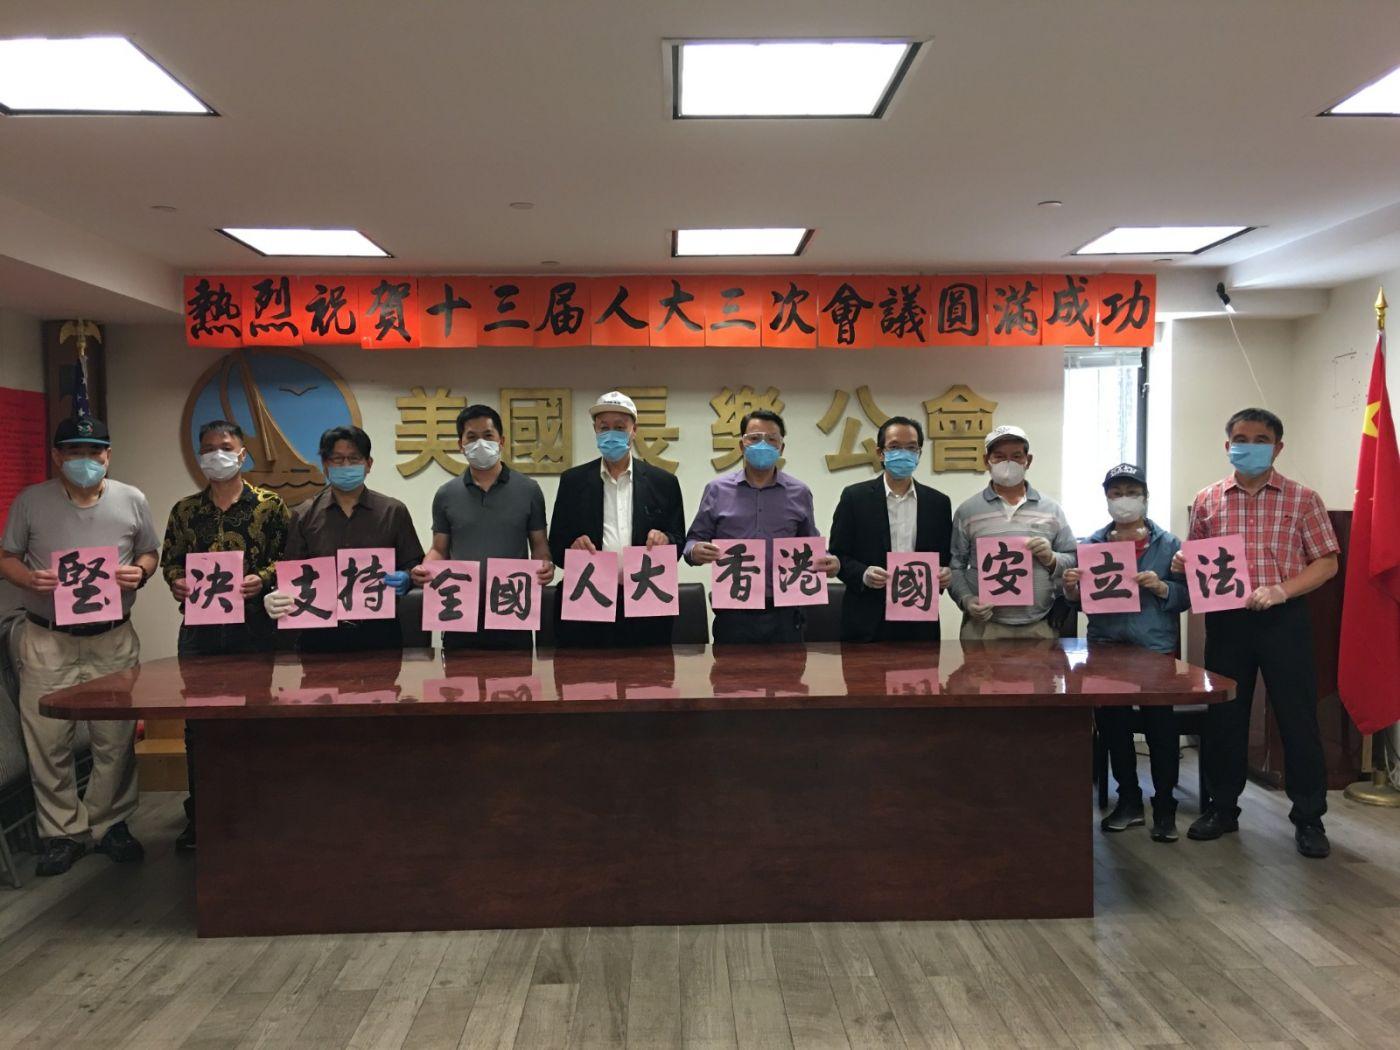 """支持立法决议 繁荣稳定香港 ——美国长乐公会座谈""""两会""""_图1-1"""